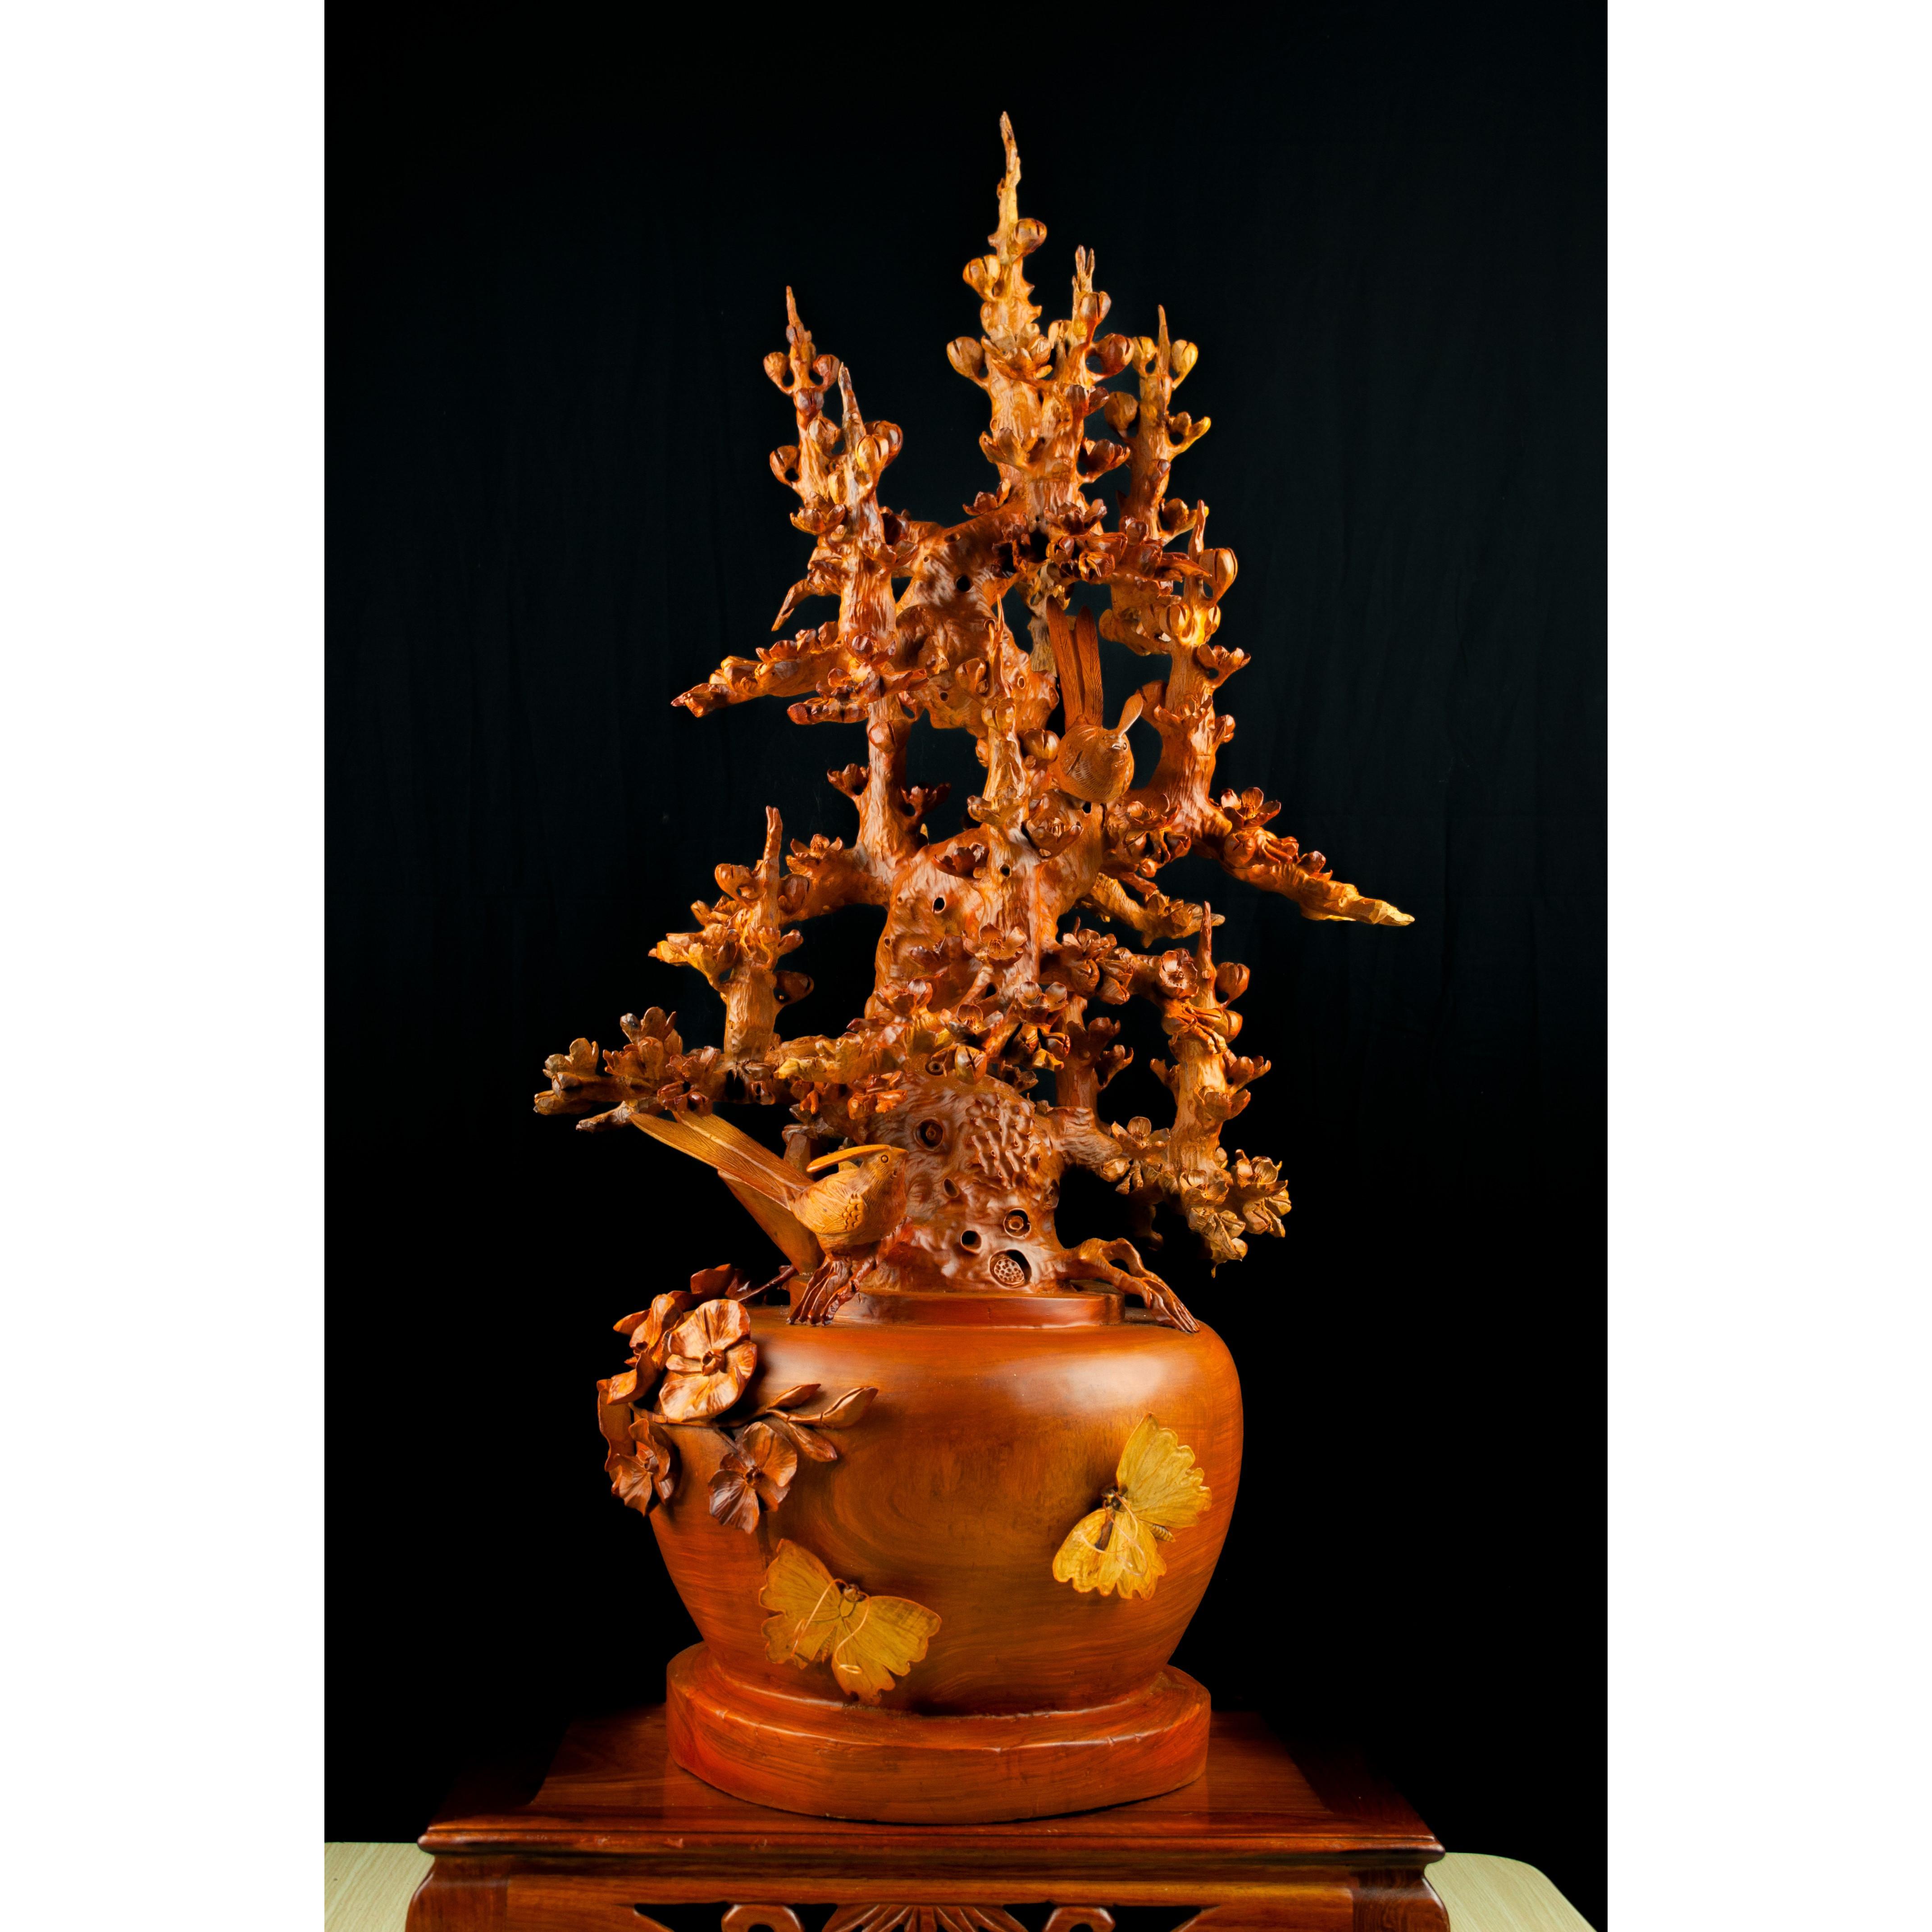 Tượng gỗ mỹ nghệ - Bình Mai Hỉ Thước Gỗ Hương Gia Lai